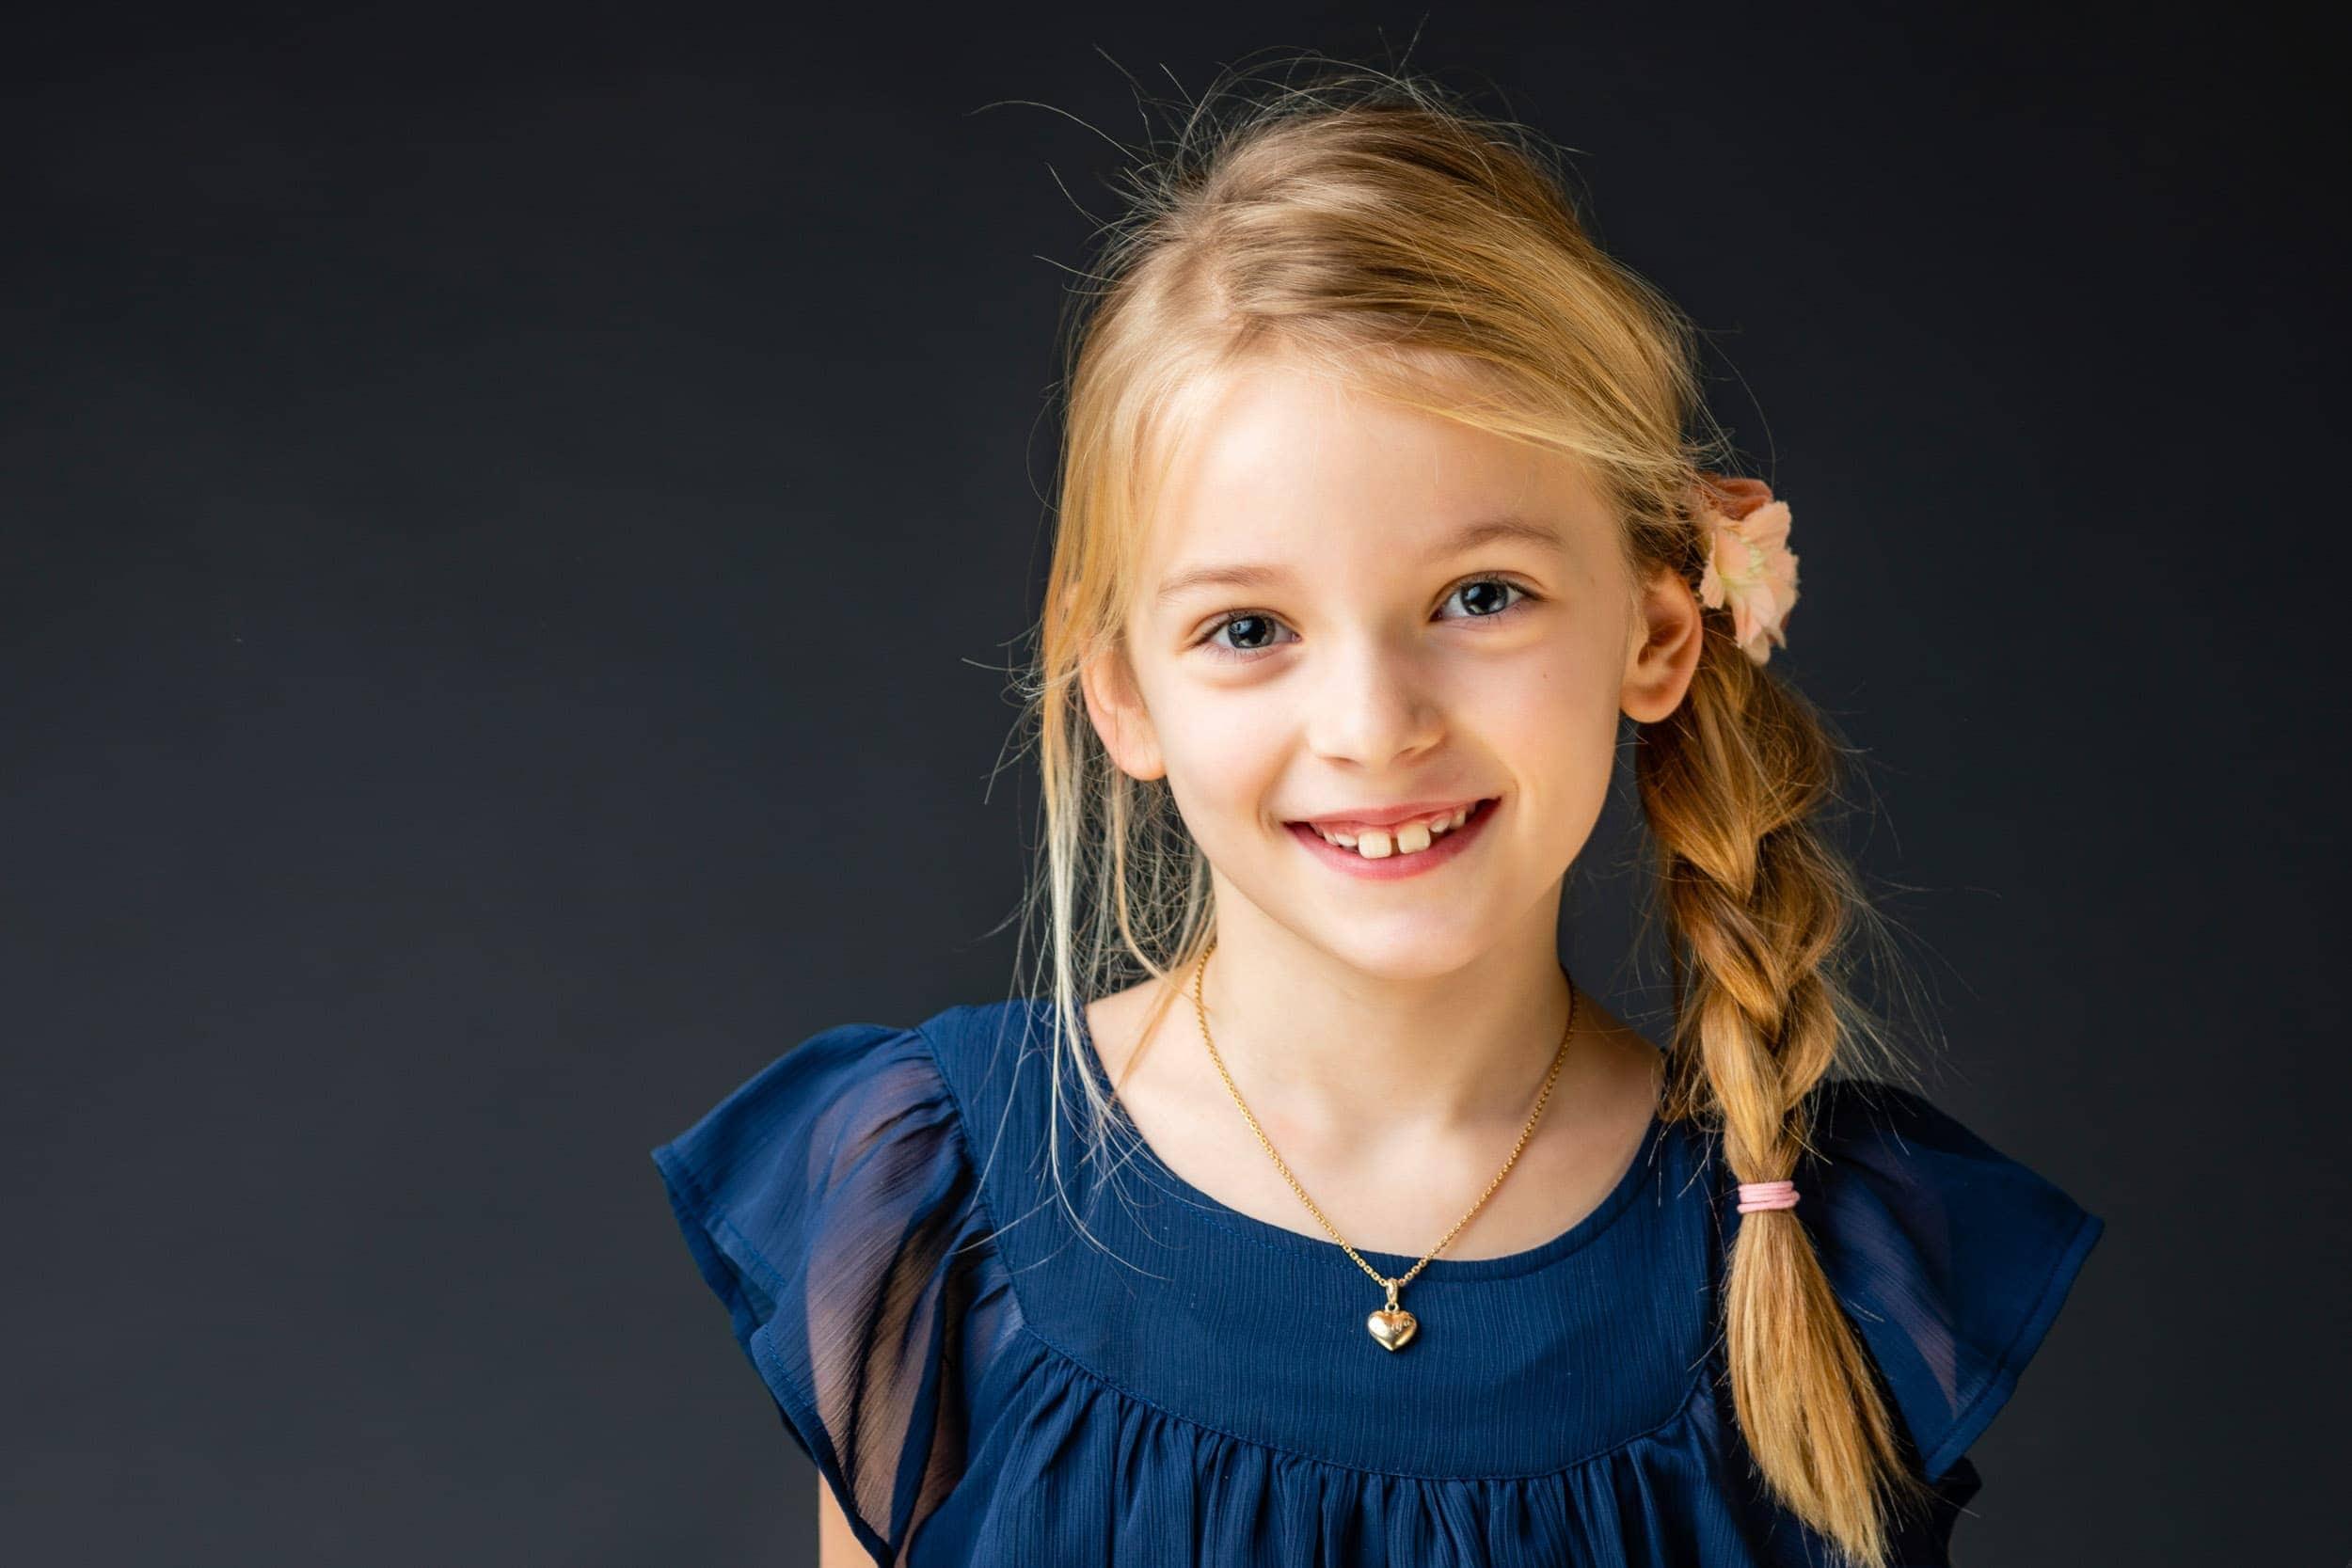 Professionel Fotograf - Portræt barn - del 2